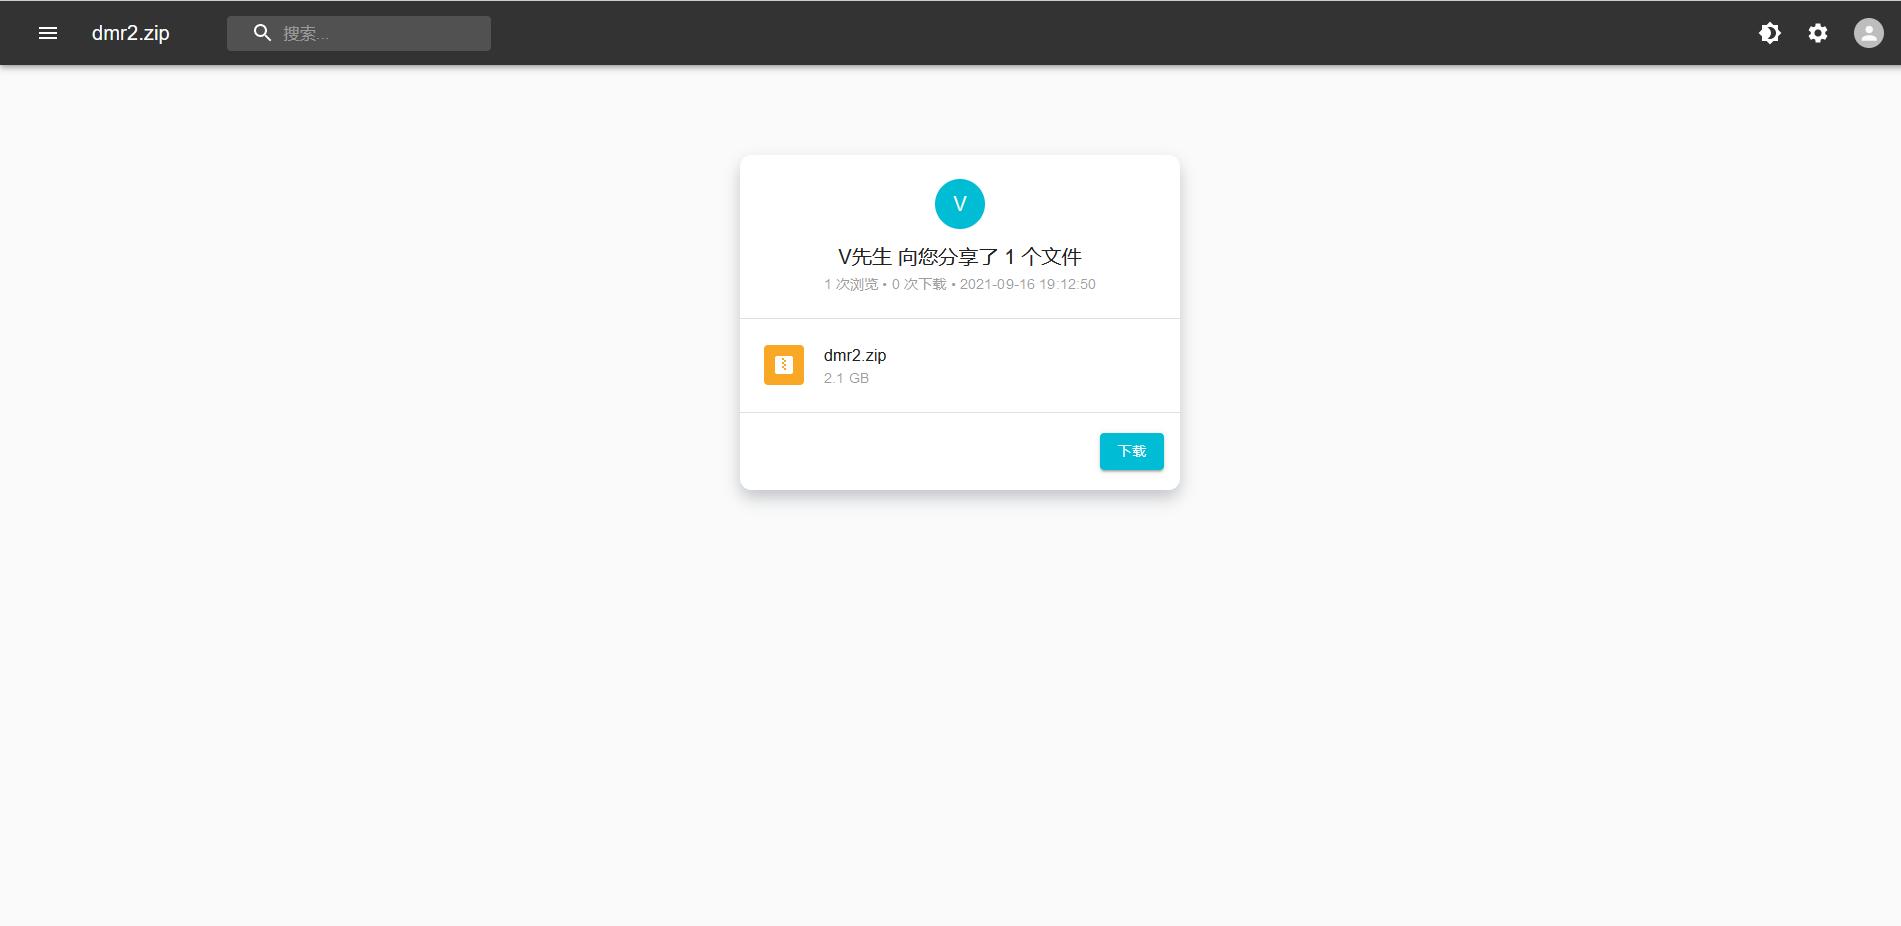 对魔忍雪风2 汉化版+全CG包+OP主题曲V先生|OneDrive】2.3GB 3